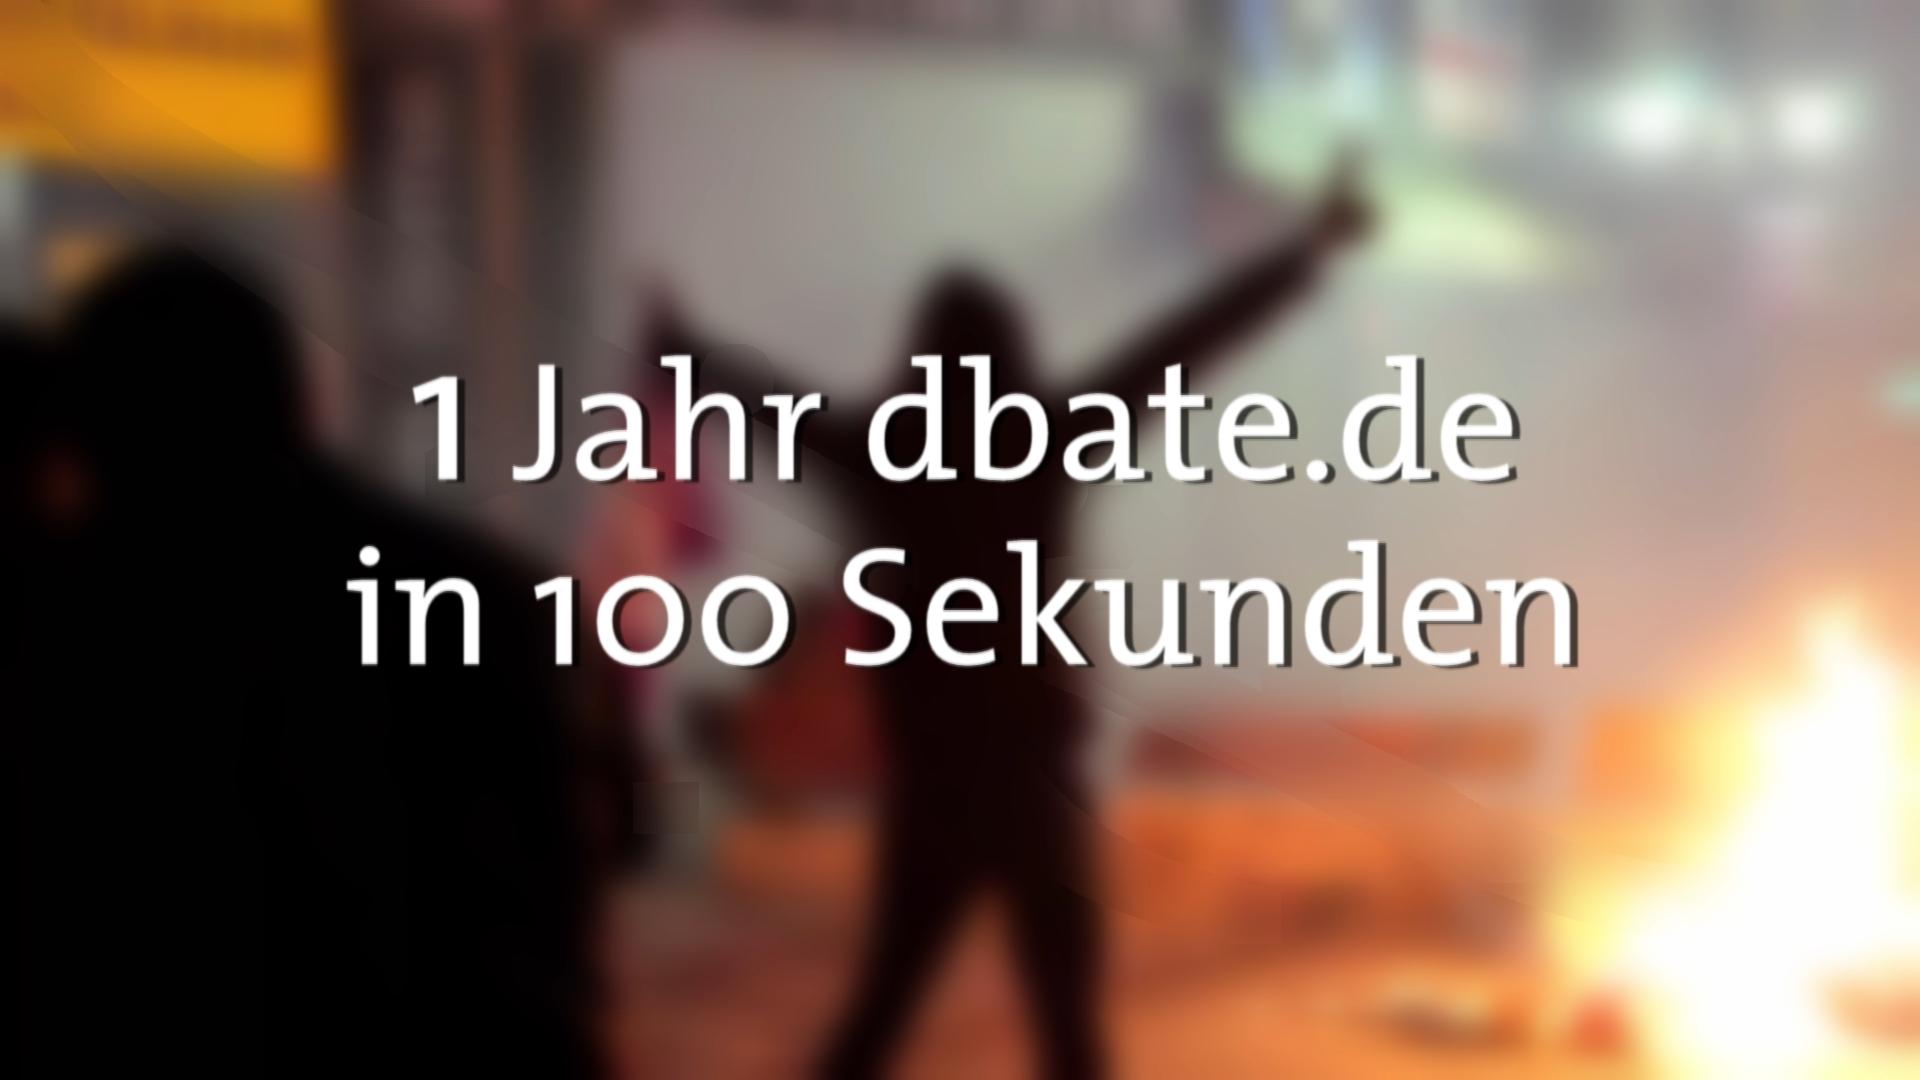 1 Jahr dbate.de in 100 Sekunden, 2015.